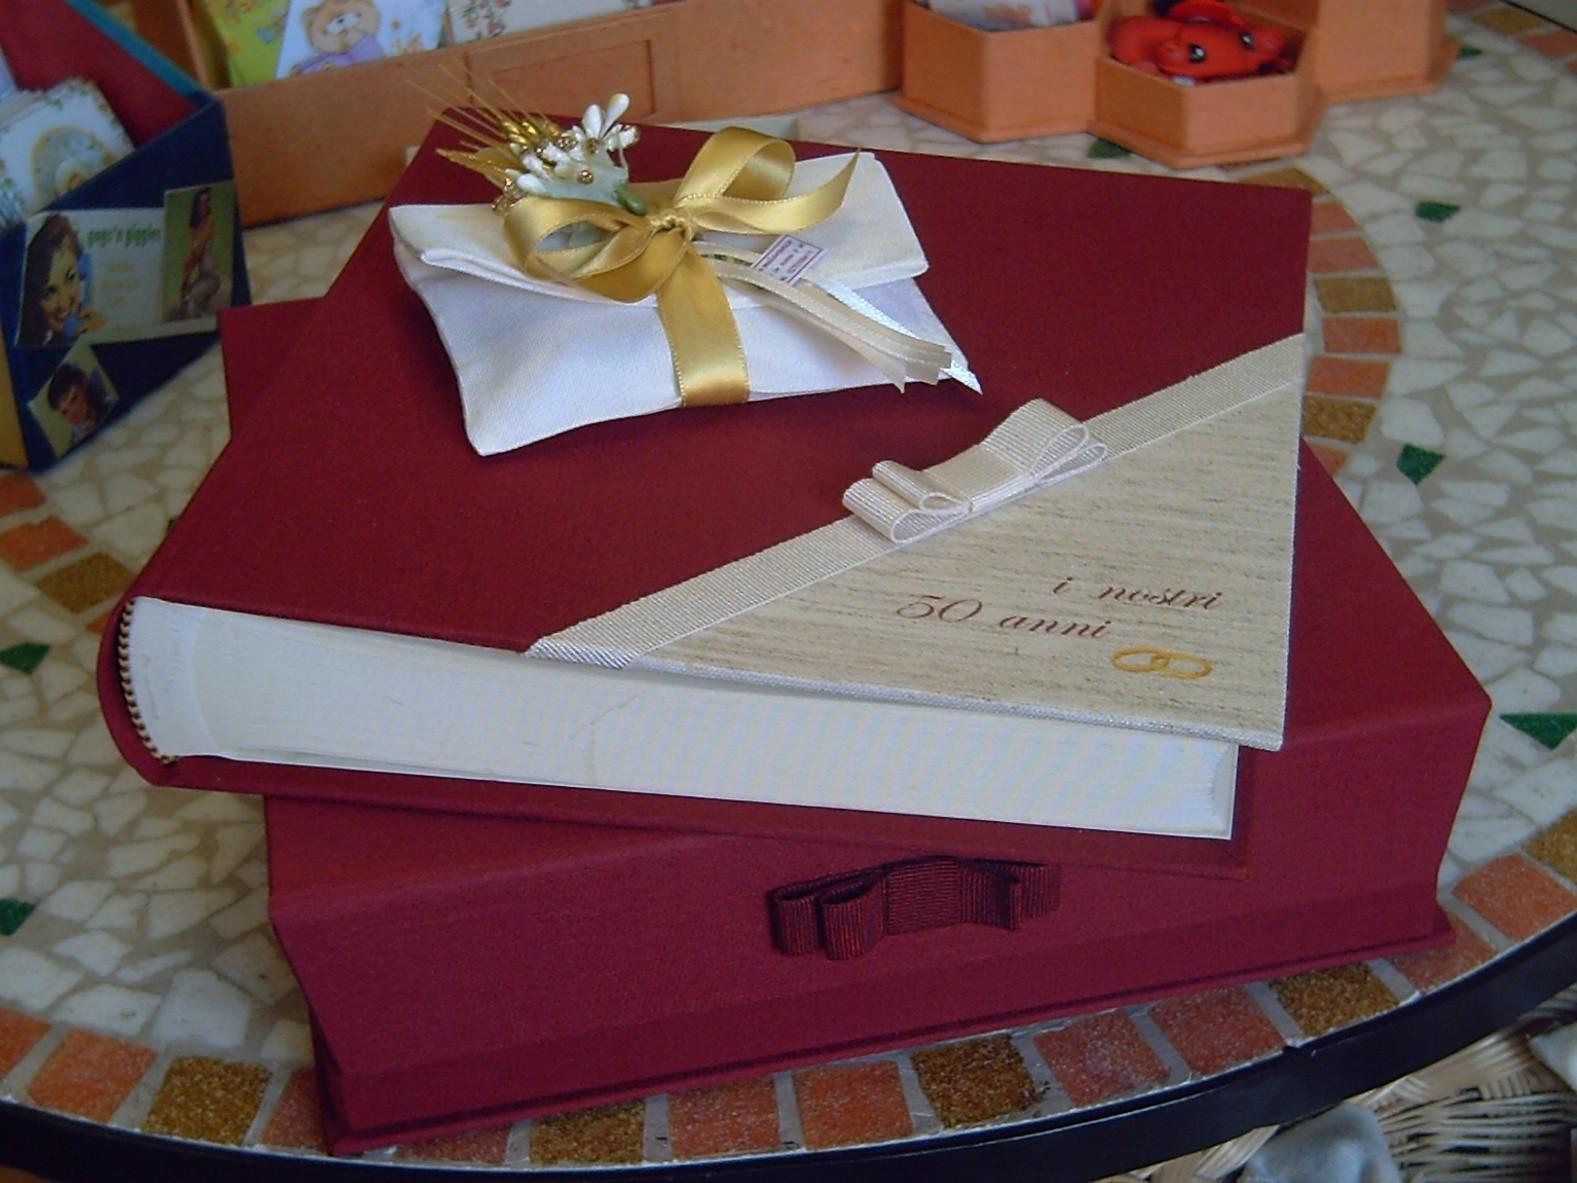 Album per nozze d'oro con scatola a libro chiusa da calamita